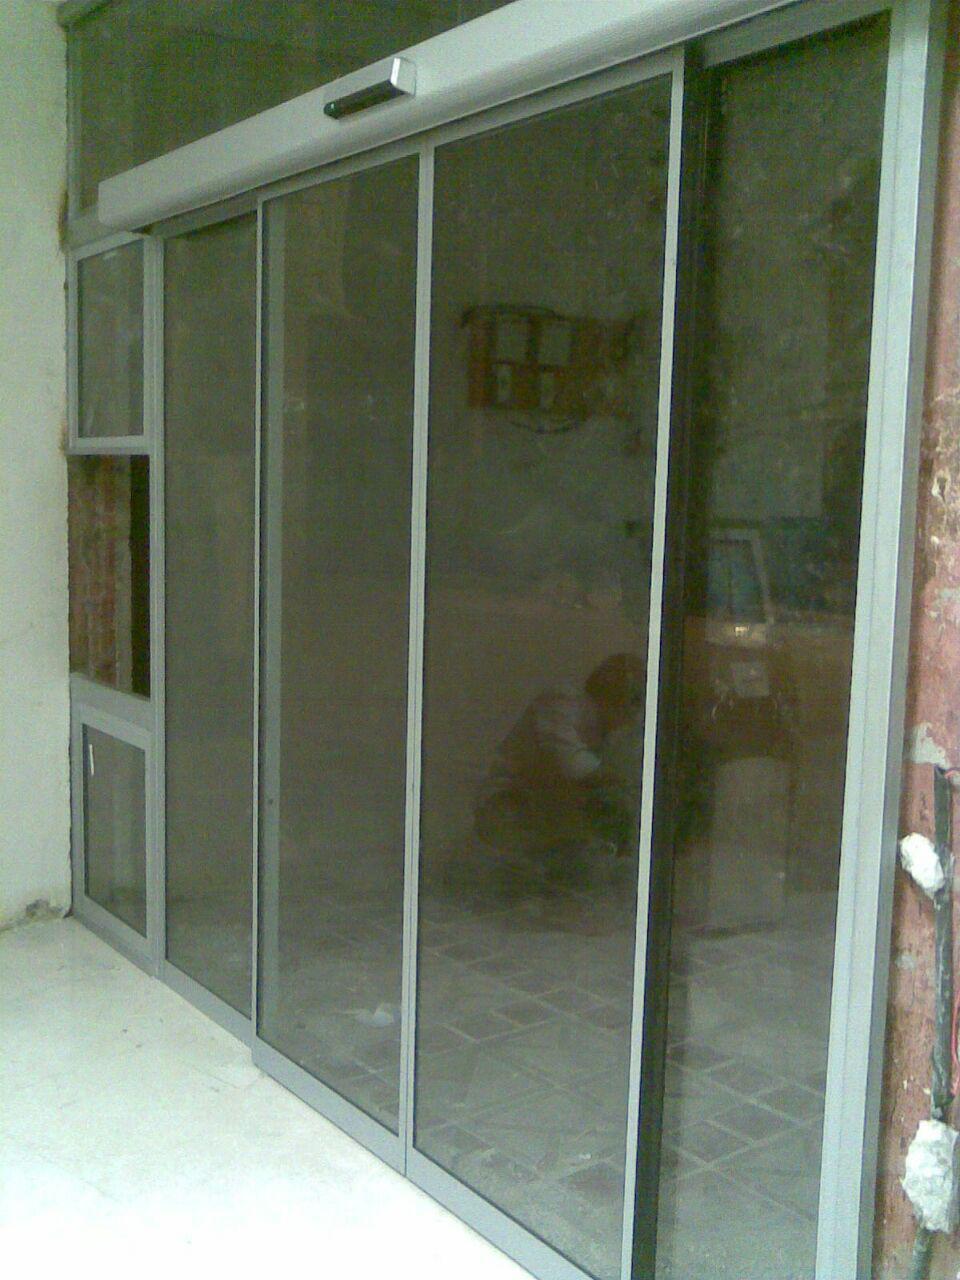 نصب و طراحی درب اتوماتیک شیشه ای برای بانک و دستگاه خود پرداز